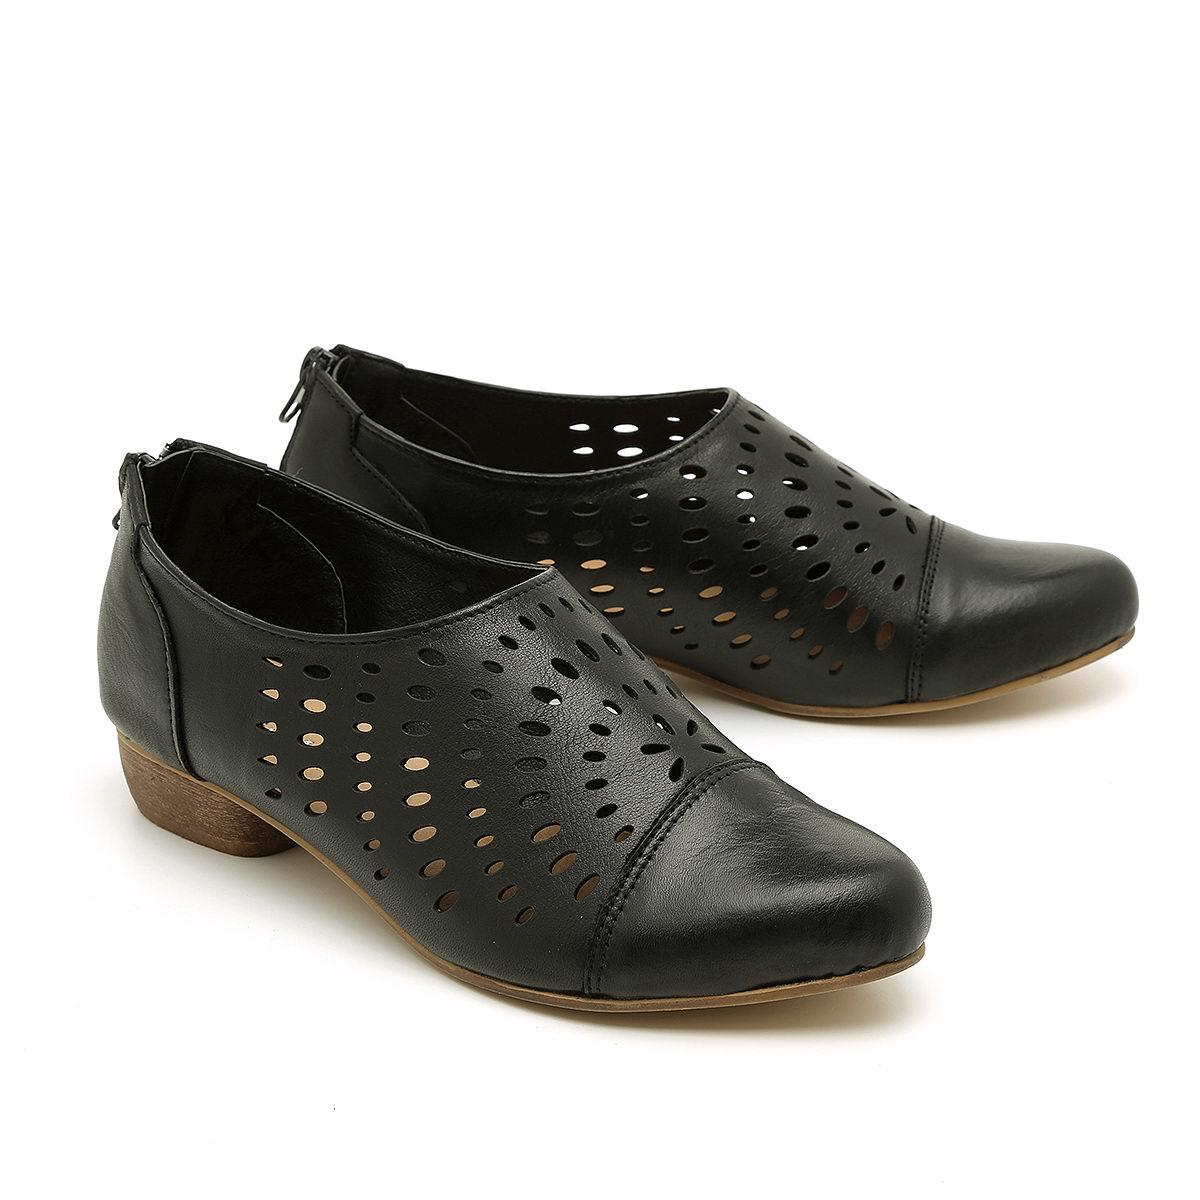 דגם מואנה - נעליי אוקספורד עם פרפורציה